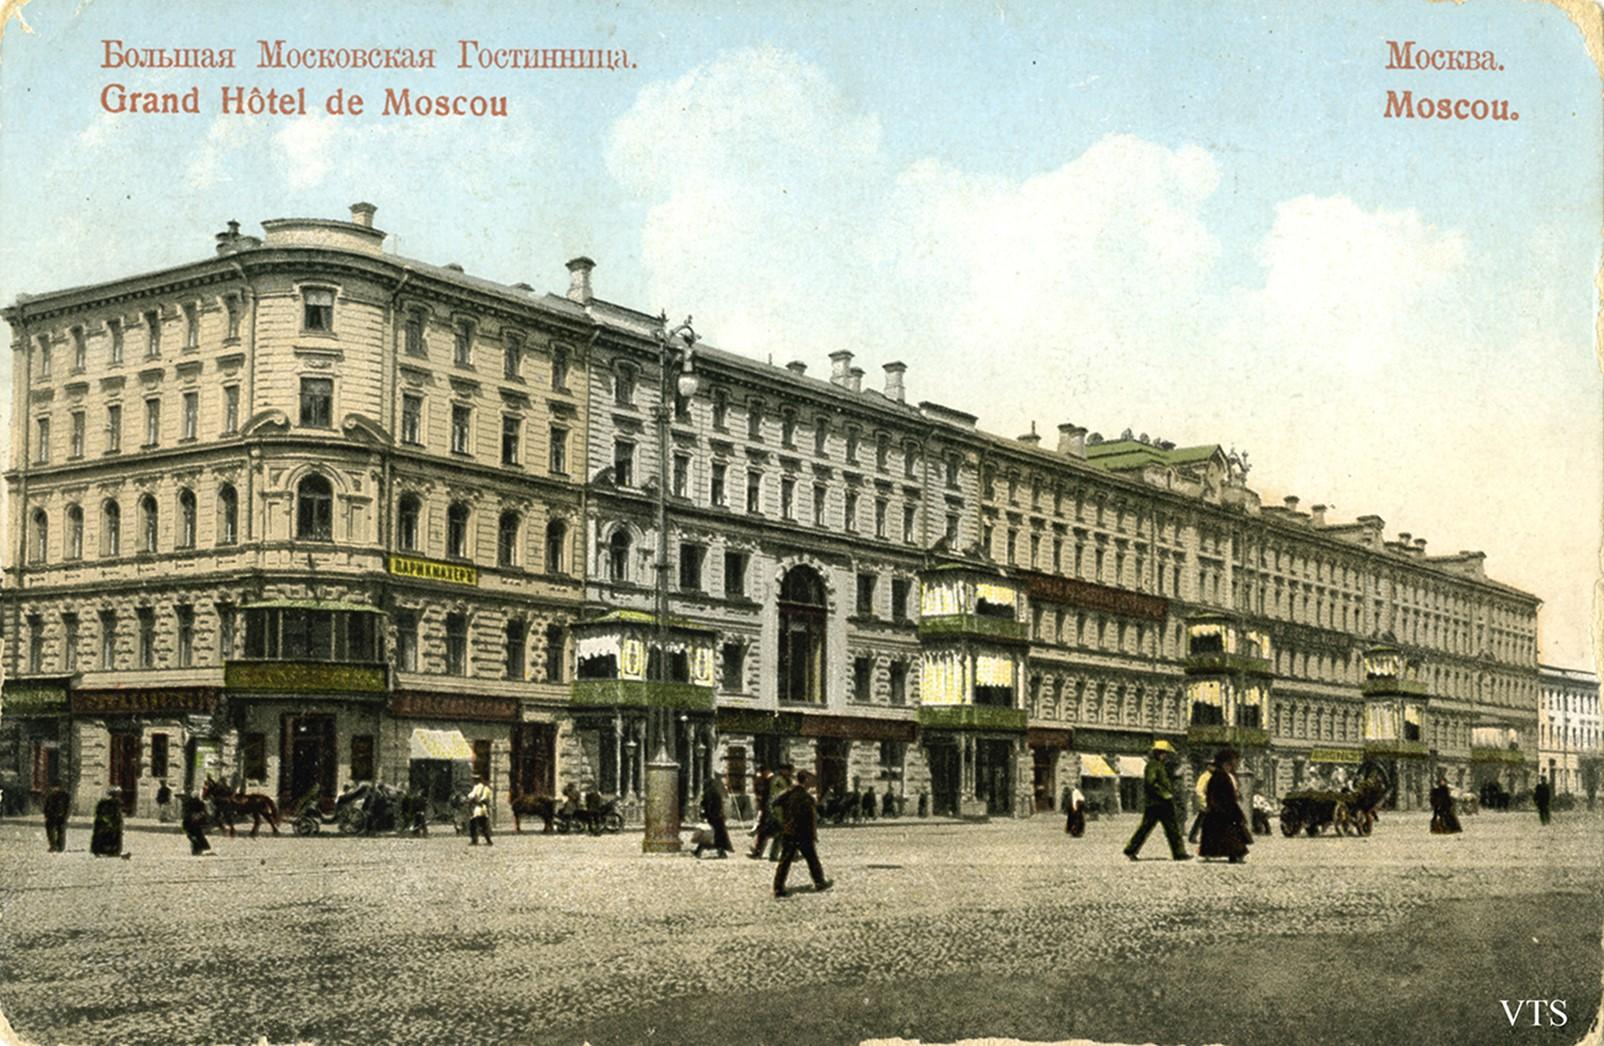 б. моск. гостиница